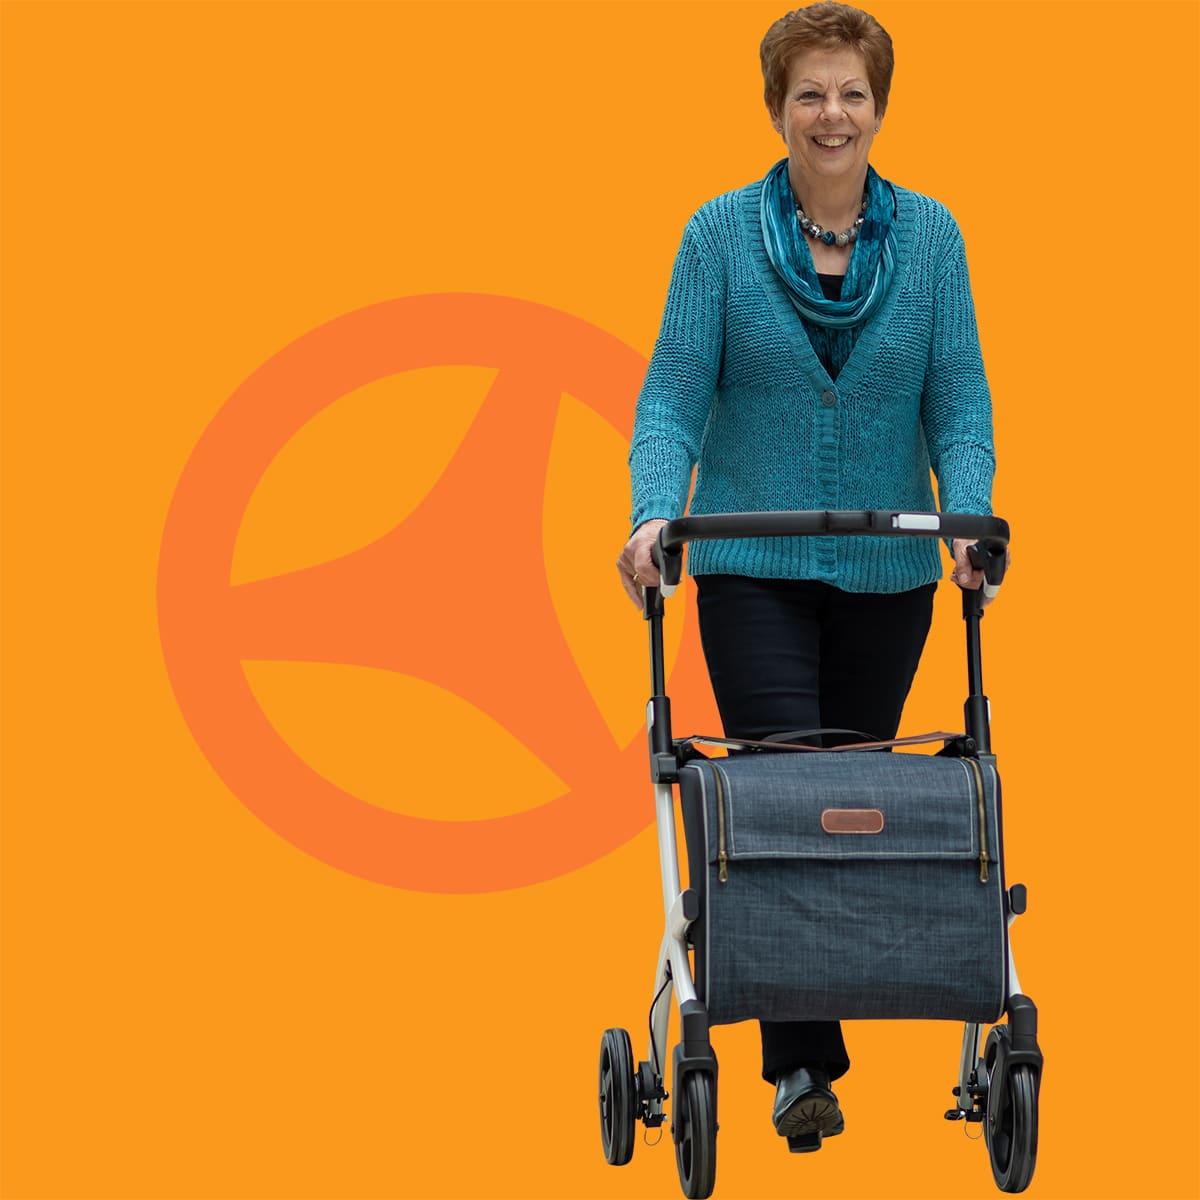 Vrouw loopt met een Rollz Flex rollator met grote boodschappentas